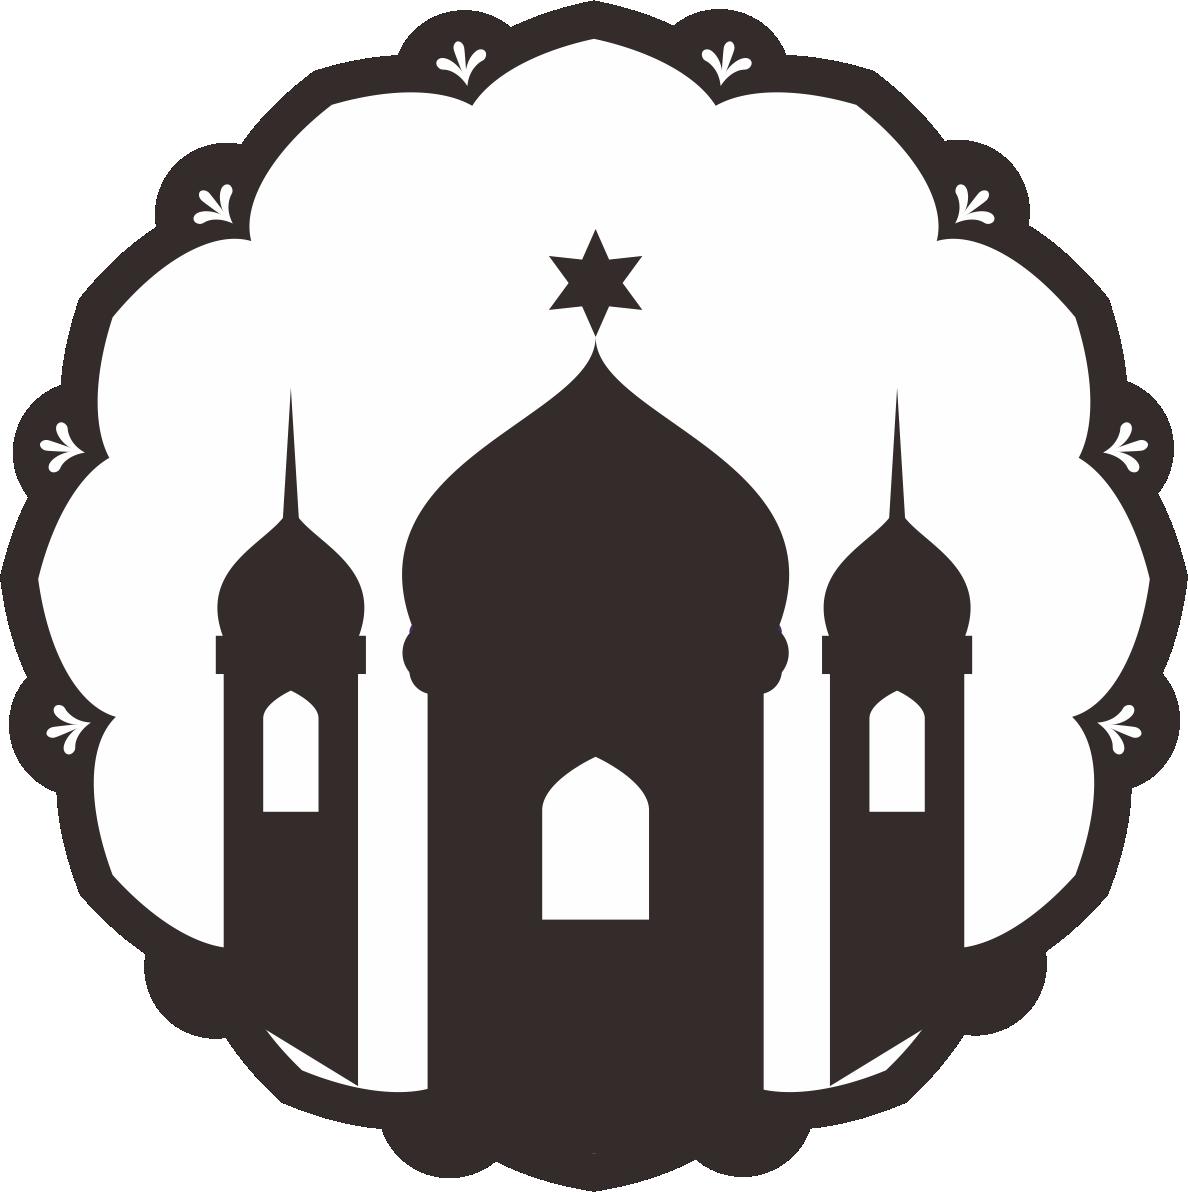 logo masjid hitam putih